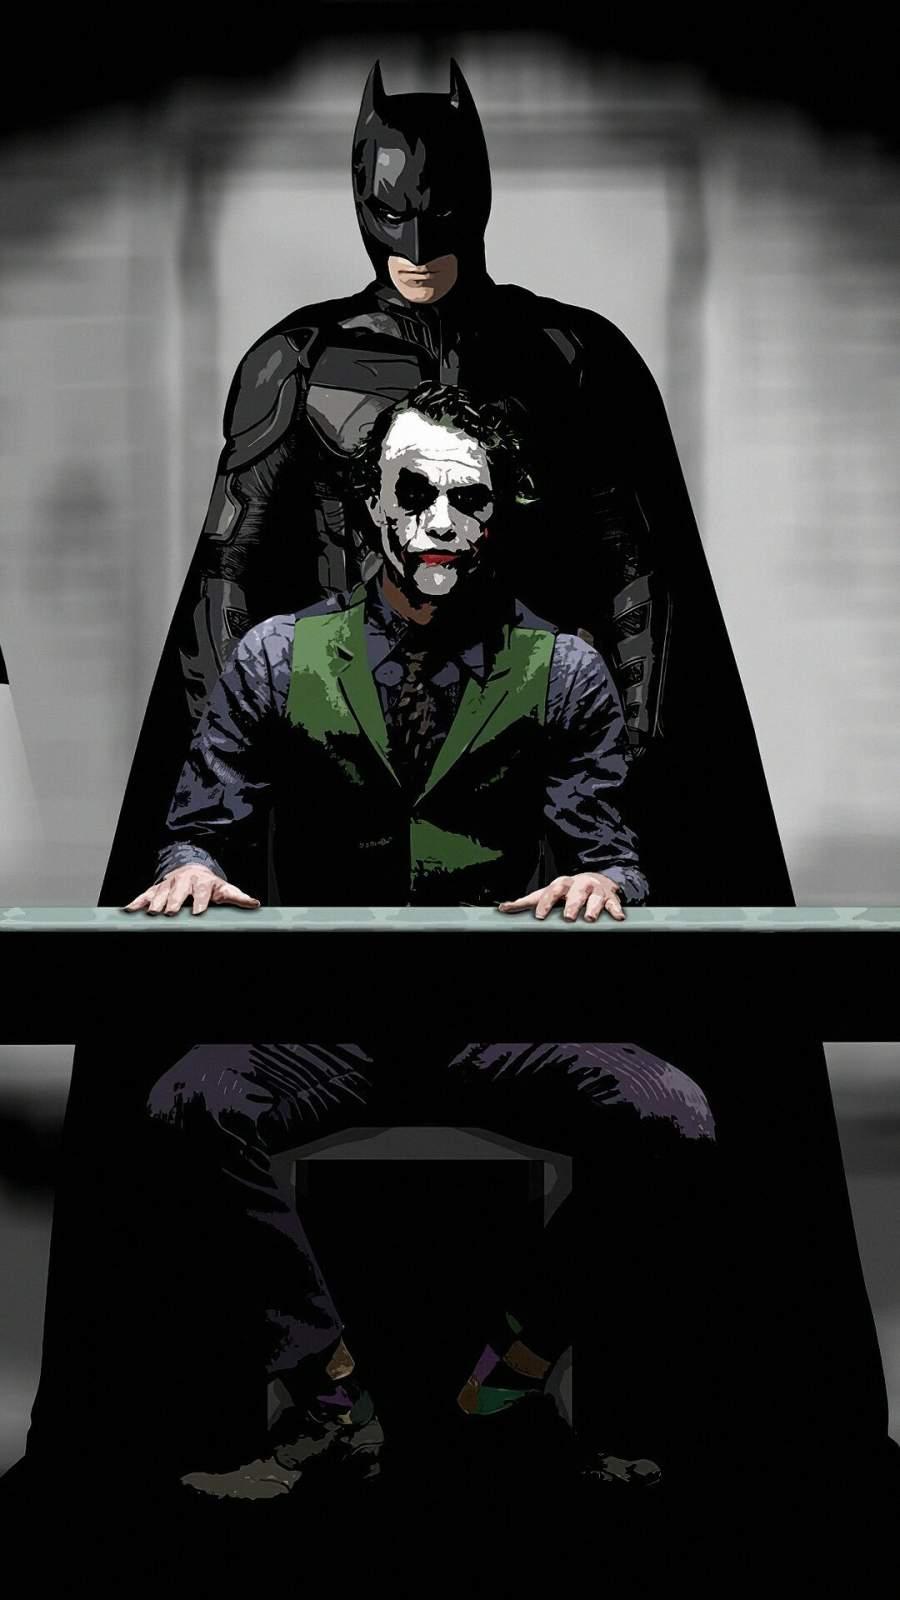 Batman and Joker iPhone Wallpaper